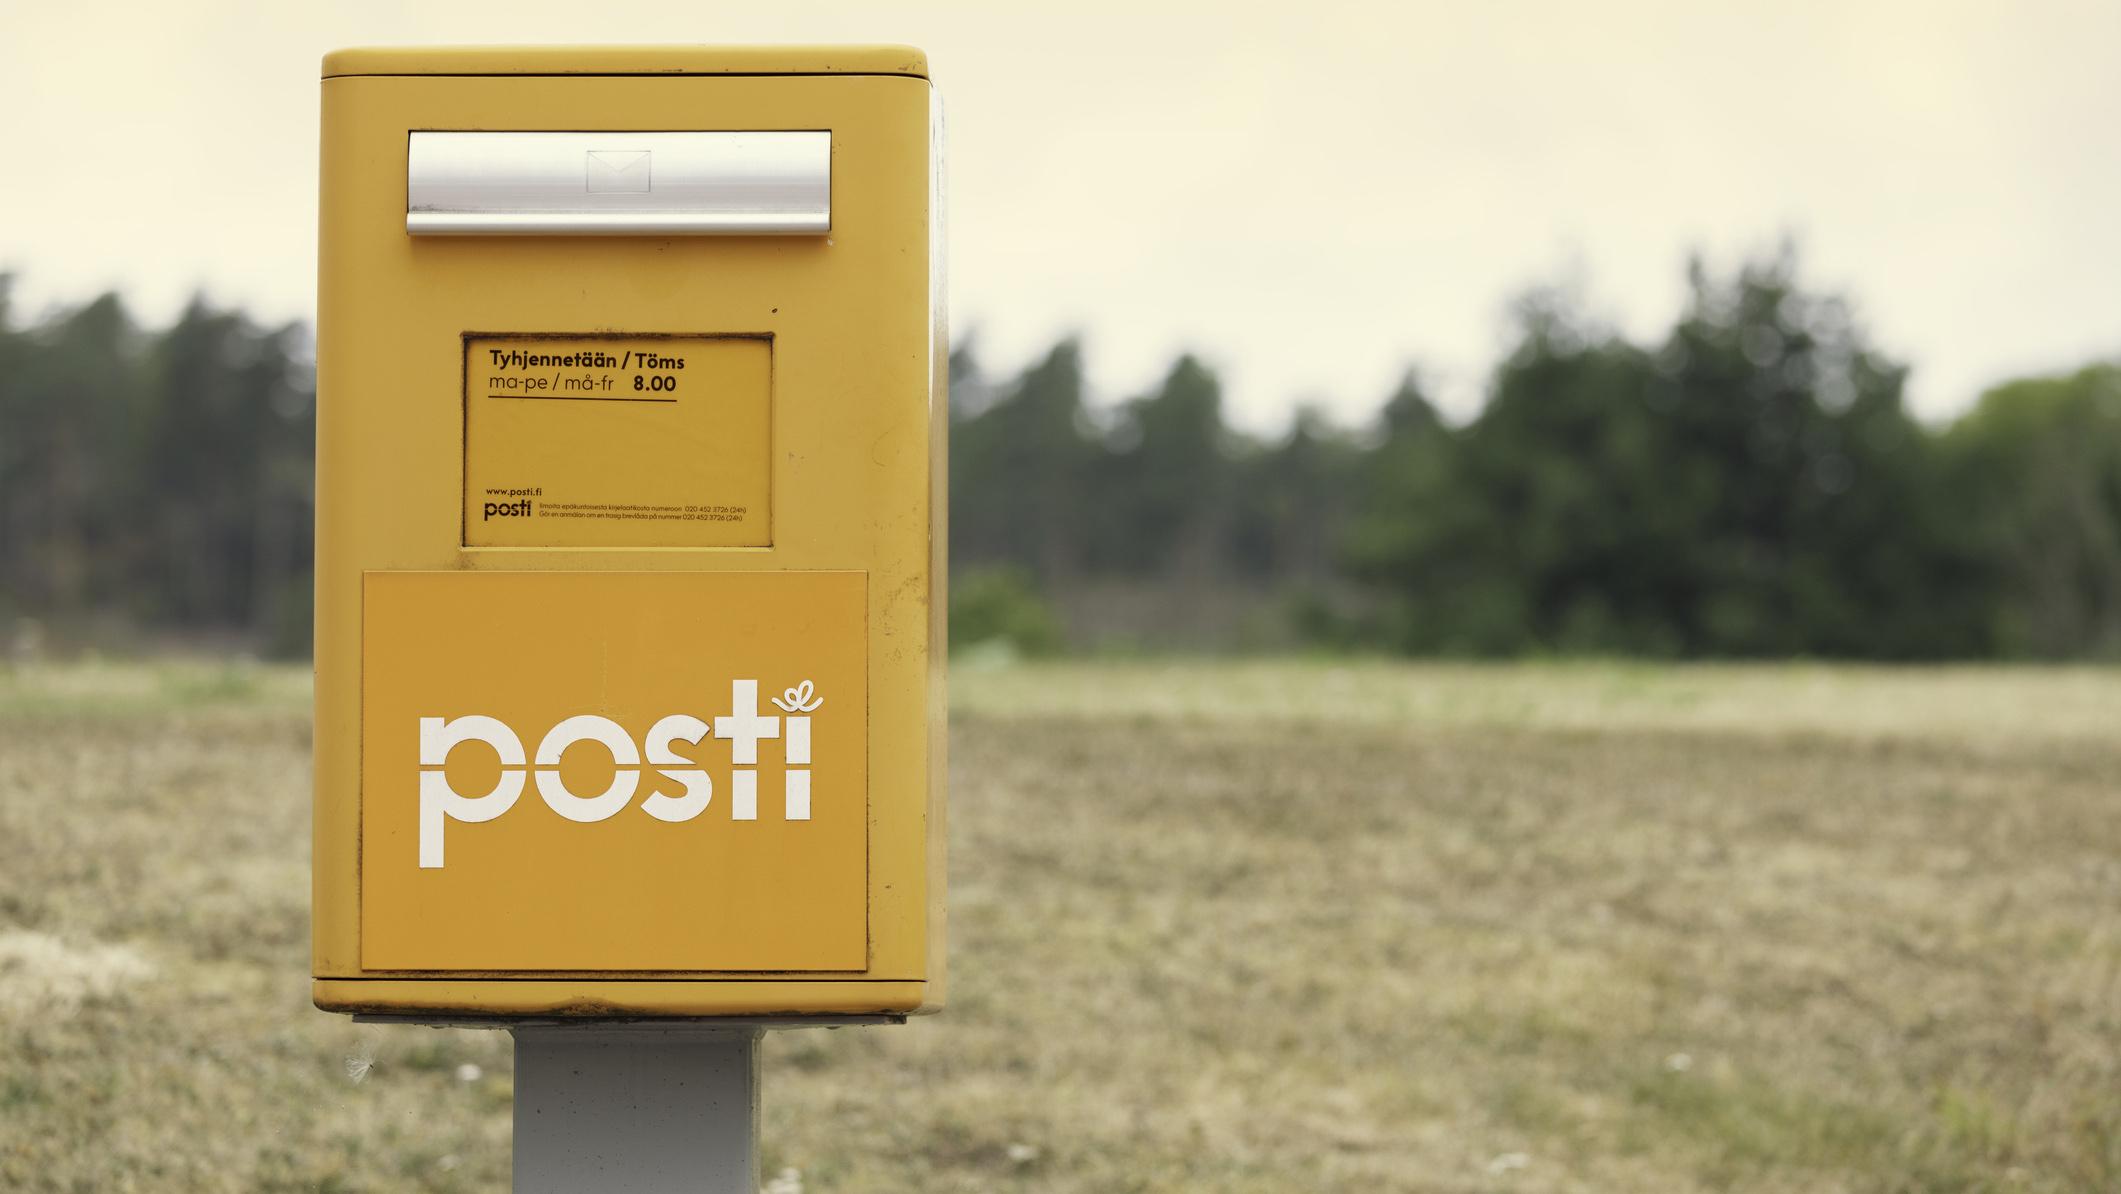 Paun lakon arvioidaan vaikeuttavan postin kulkuun vielä päättymisensä jälkeenkin.